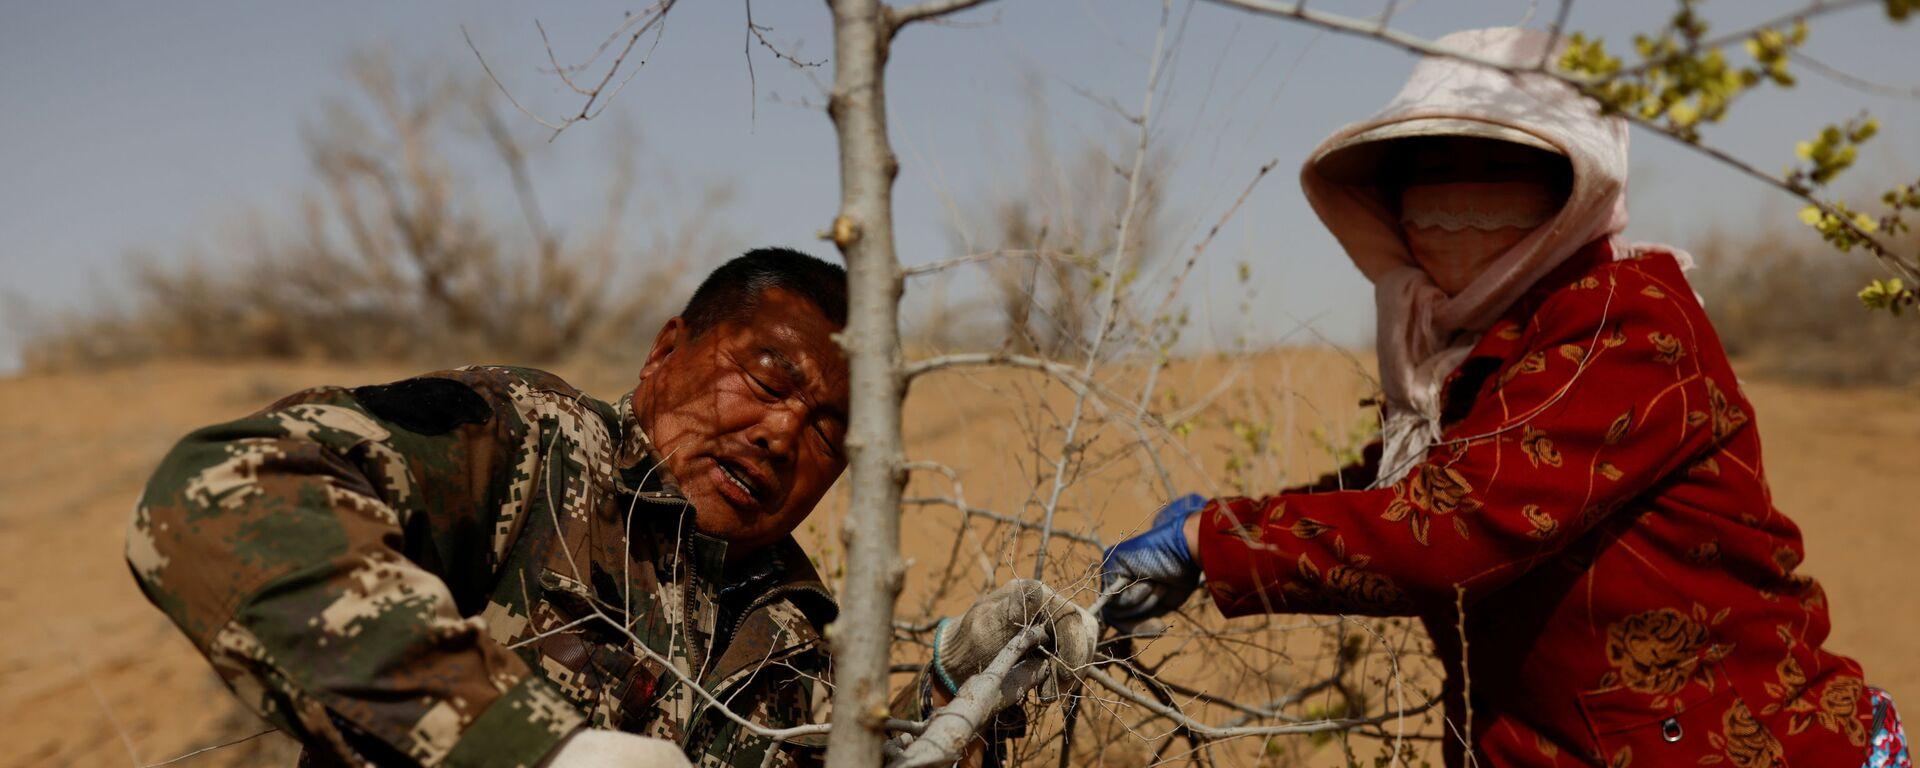 Los lugareños cortan un árbol plantado en el borde del desierto de Gobi, en la provincia de Gansu.  - Sputnik Mundo, 1920, 04.06.2021